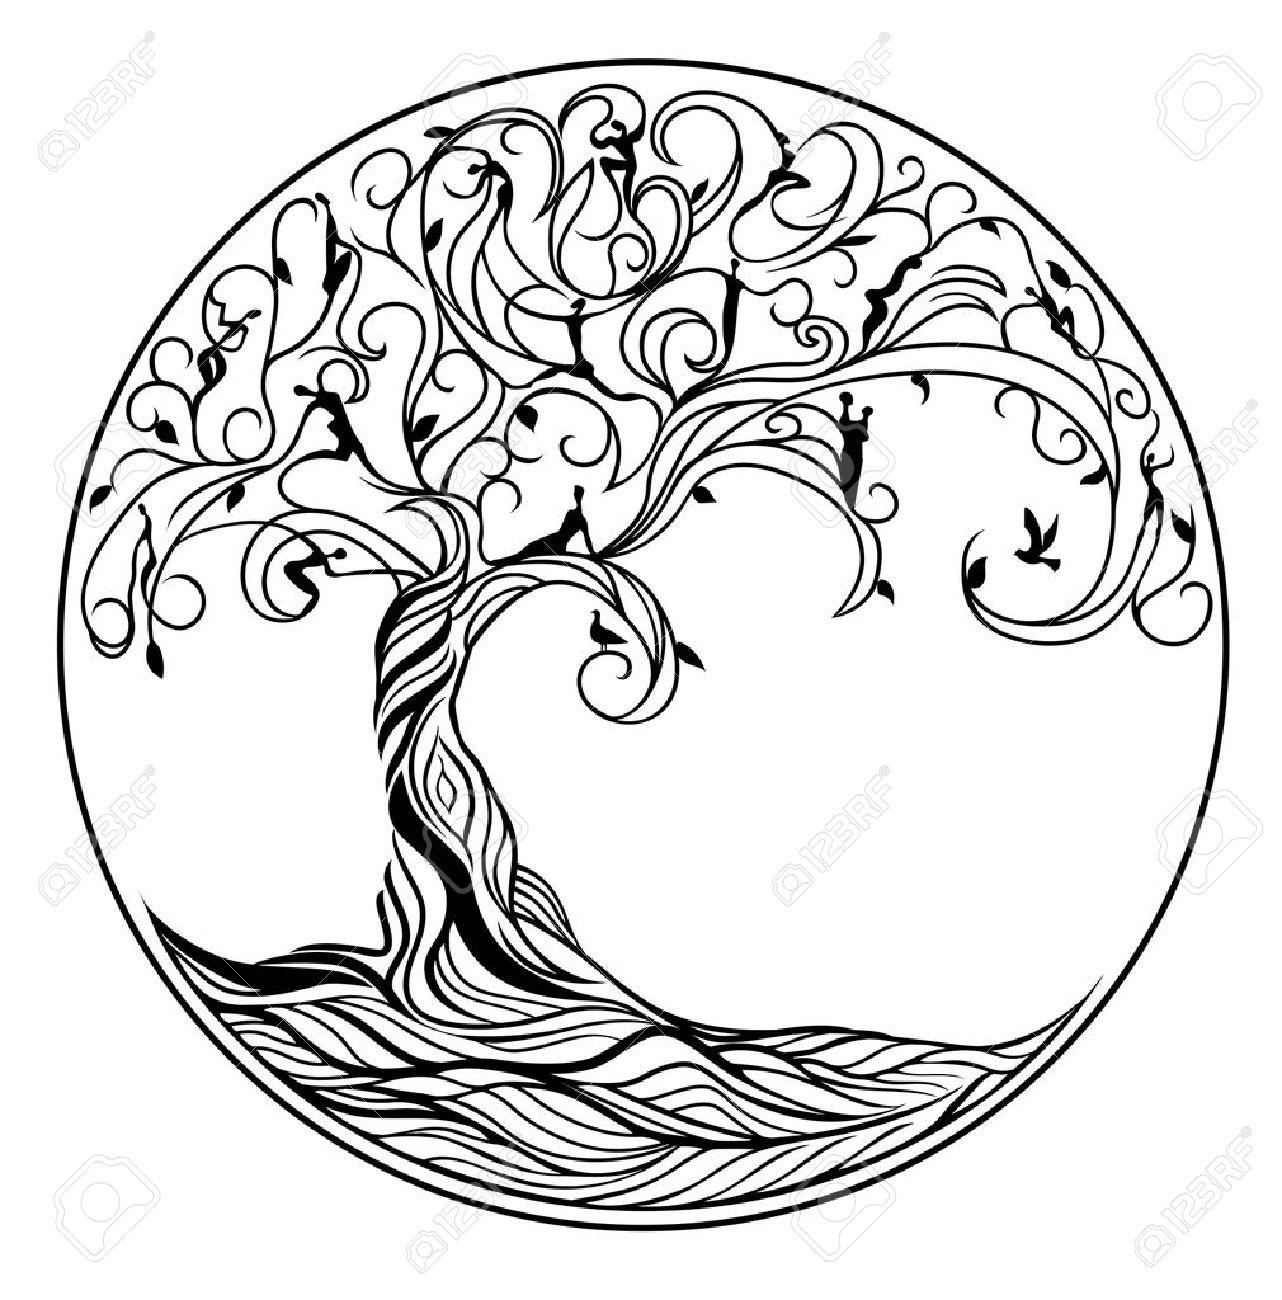 Baum Des Lebens Auf Weißem Hintergrund Lizenzfrei Nutzbare